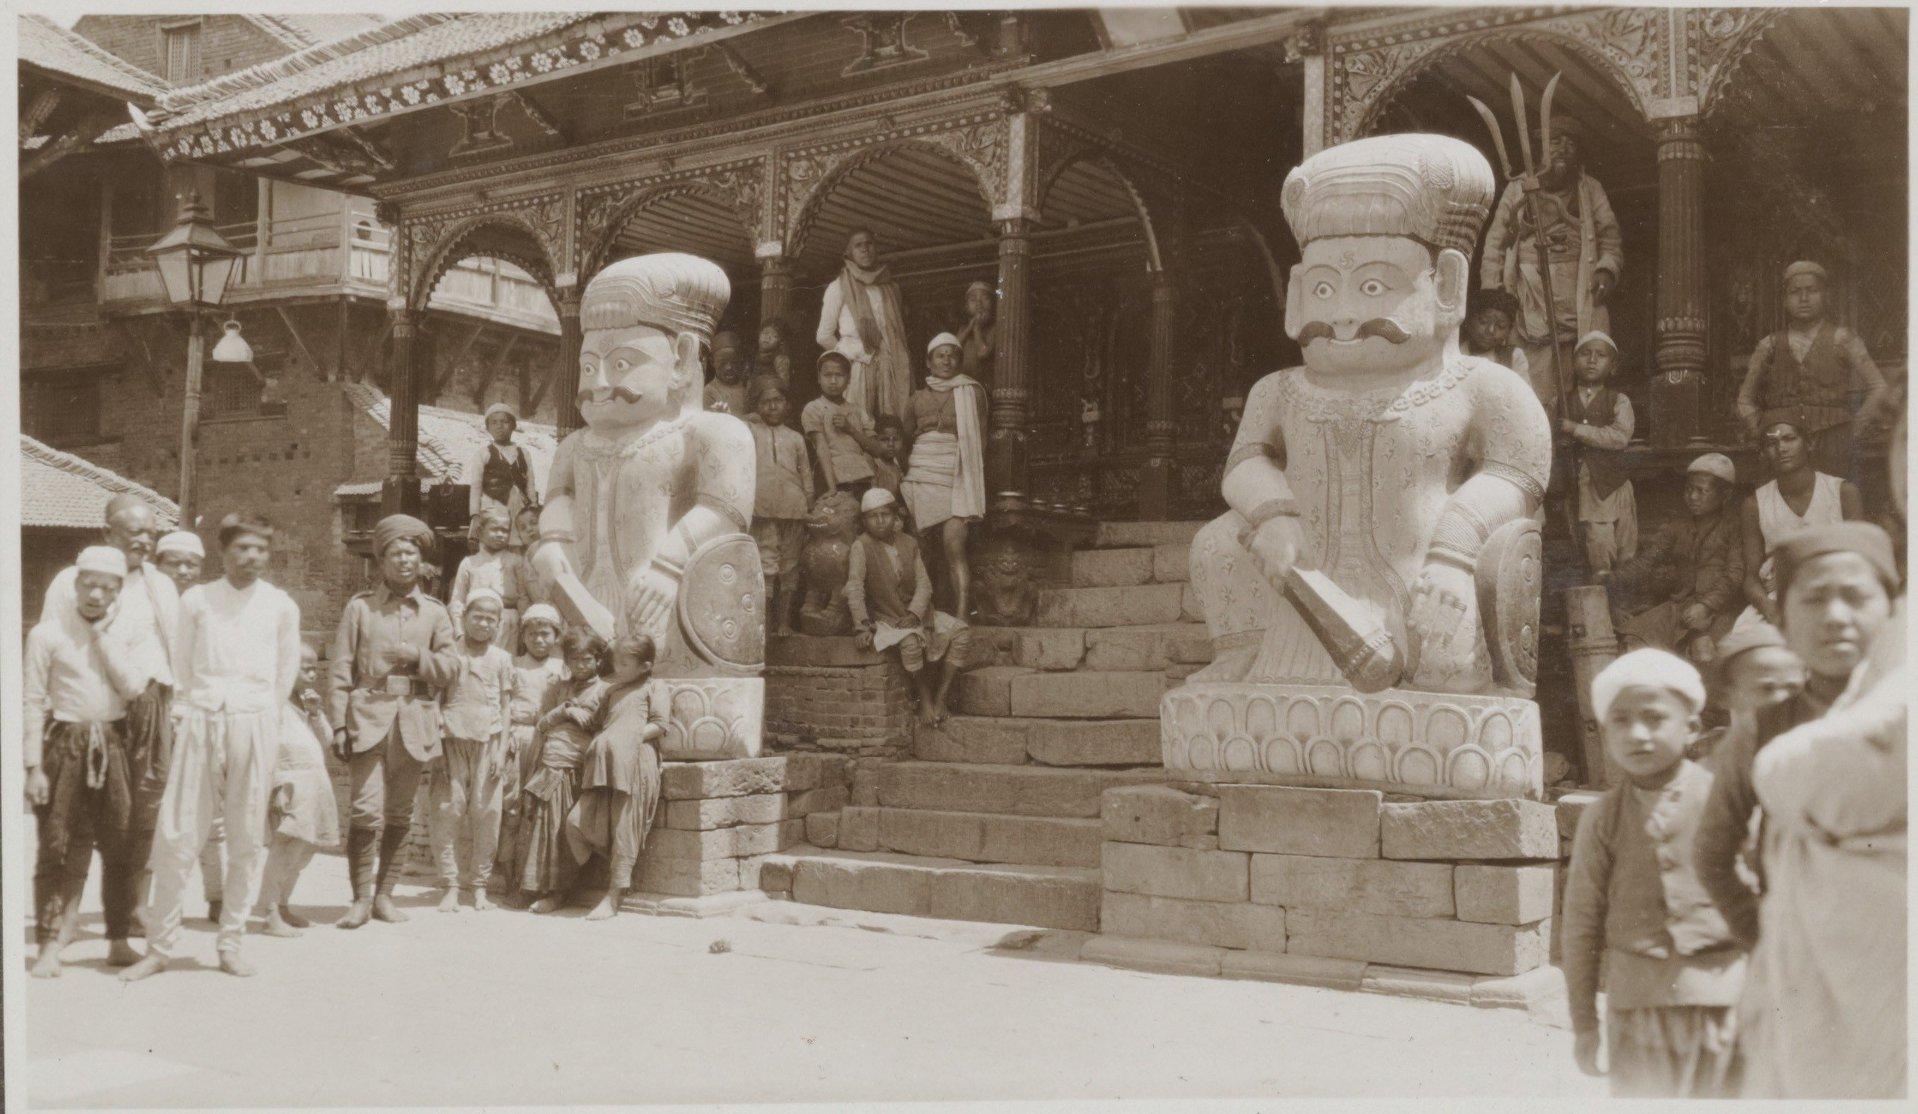 Two Kutuwo's of Dattatreya Temple 1932-34 image